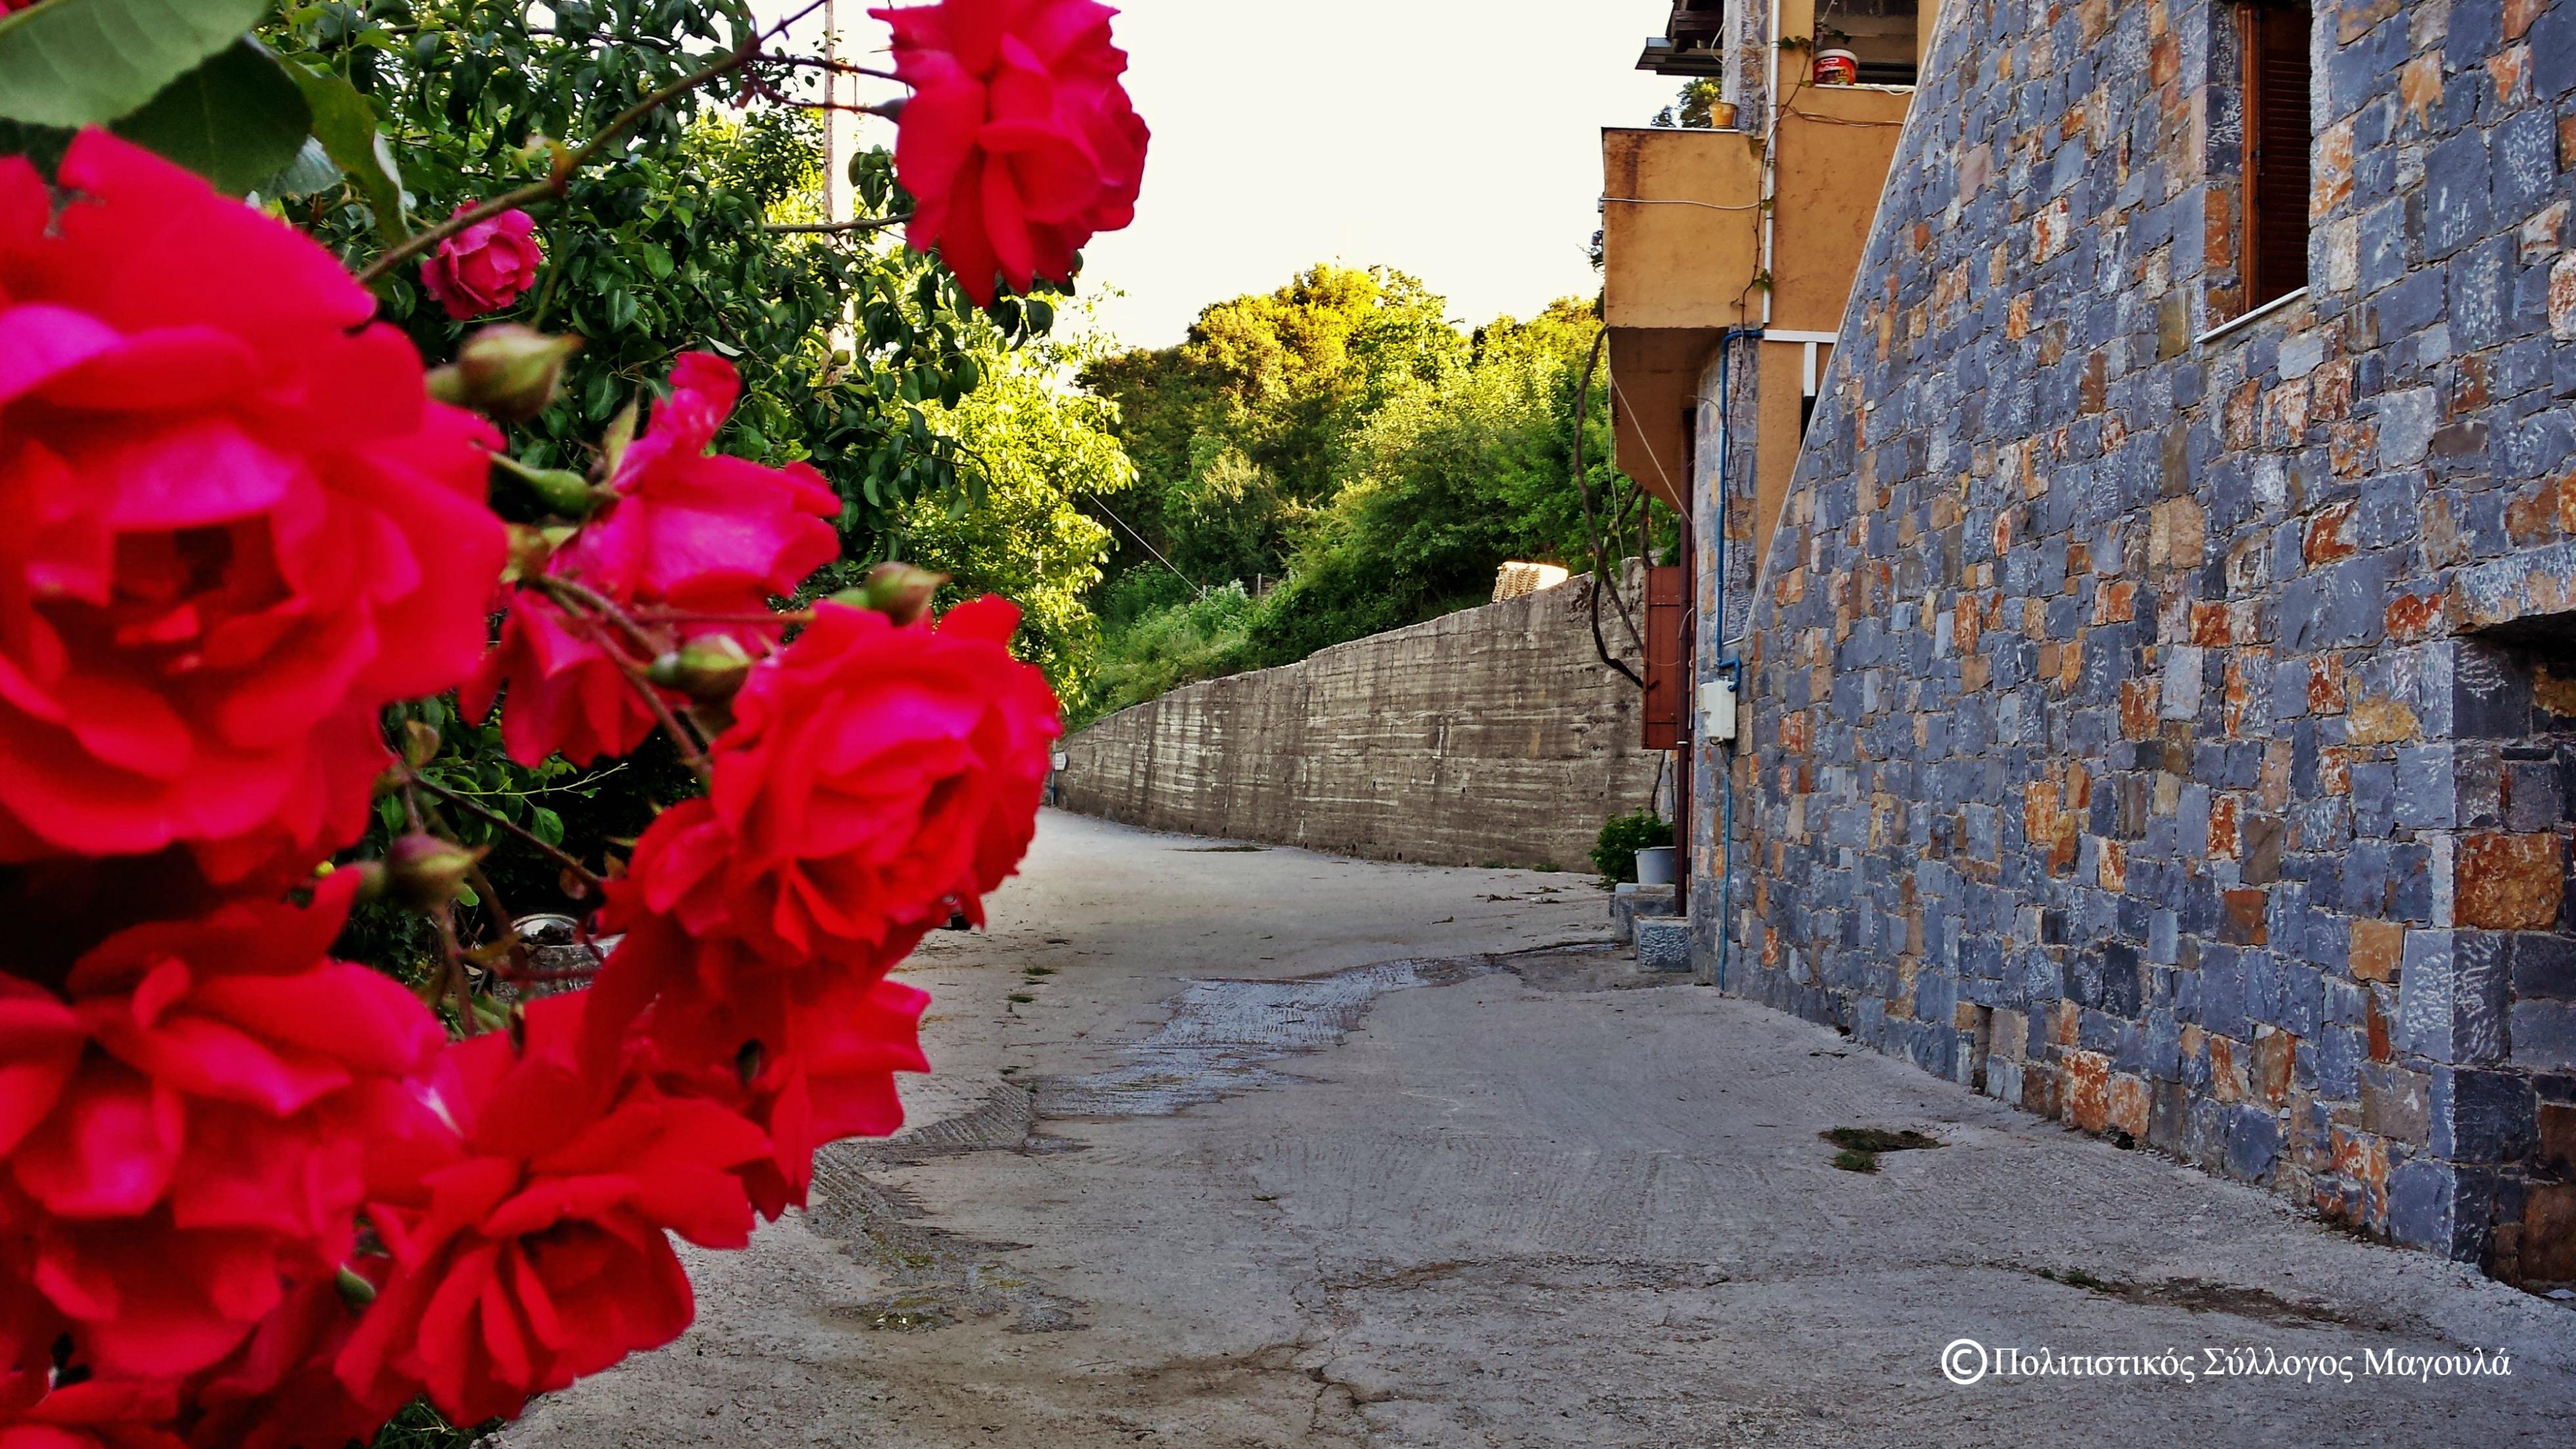 Ρόδα σε κάθε σπίτι- Roses in every house